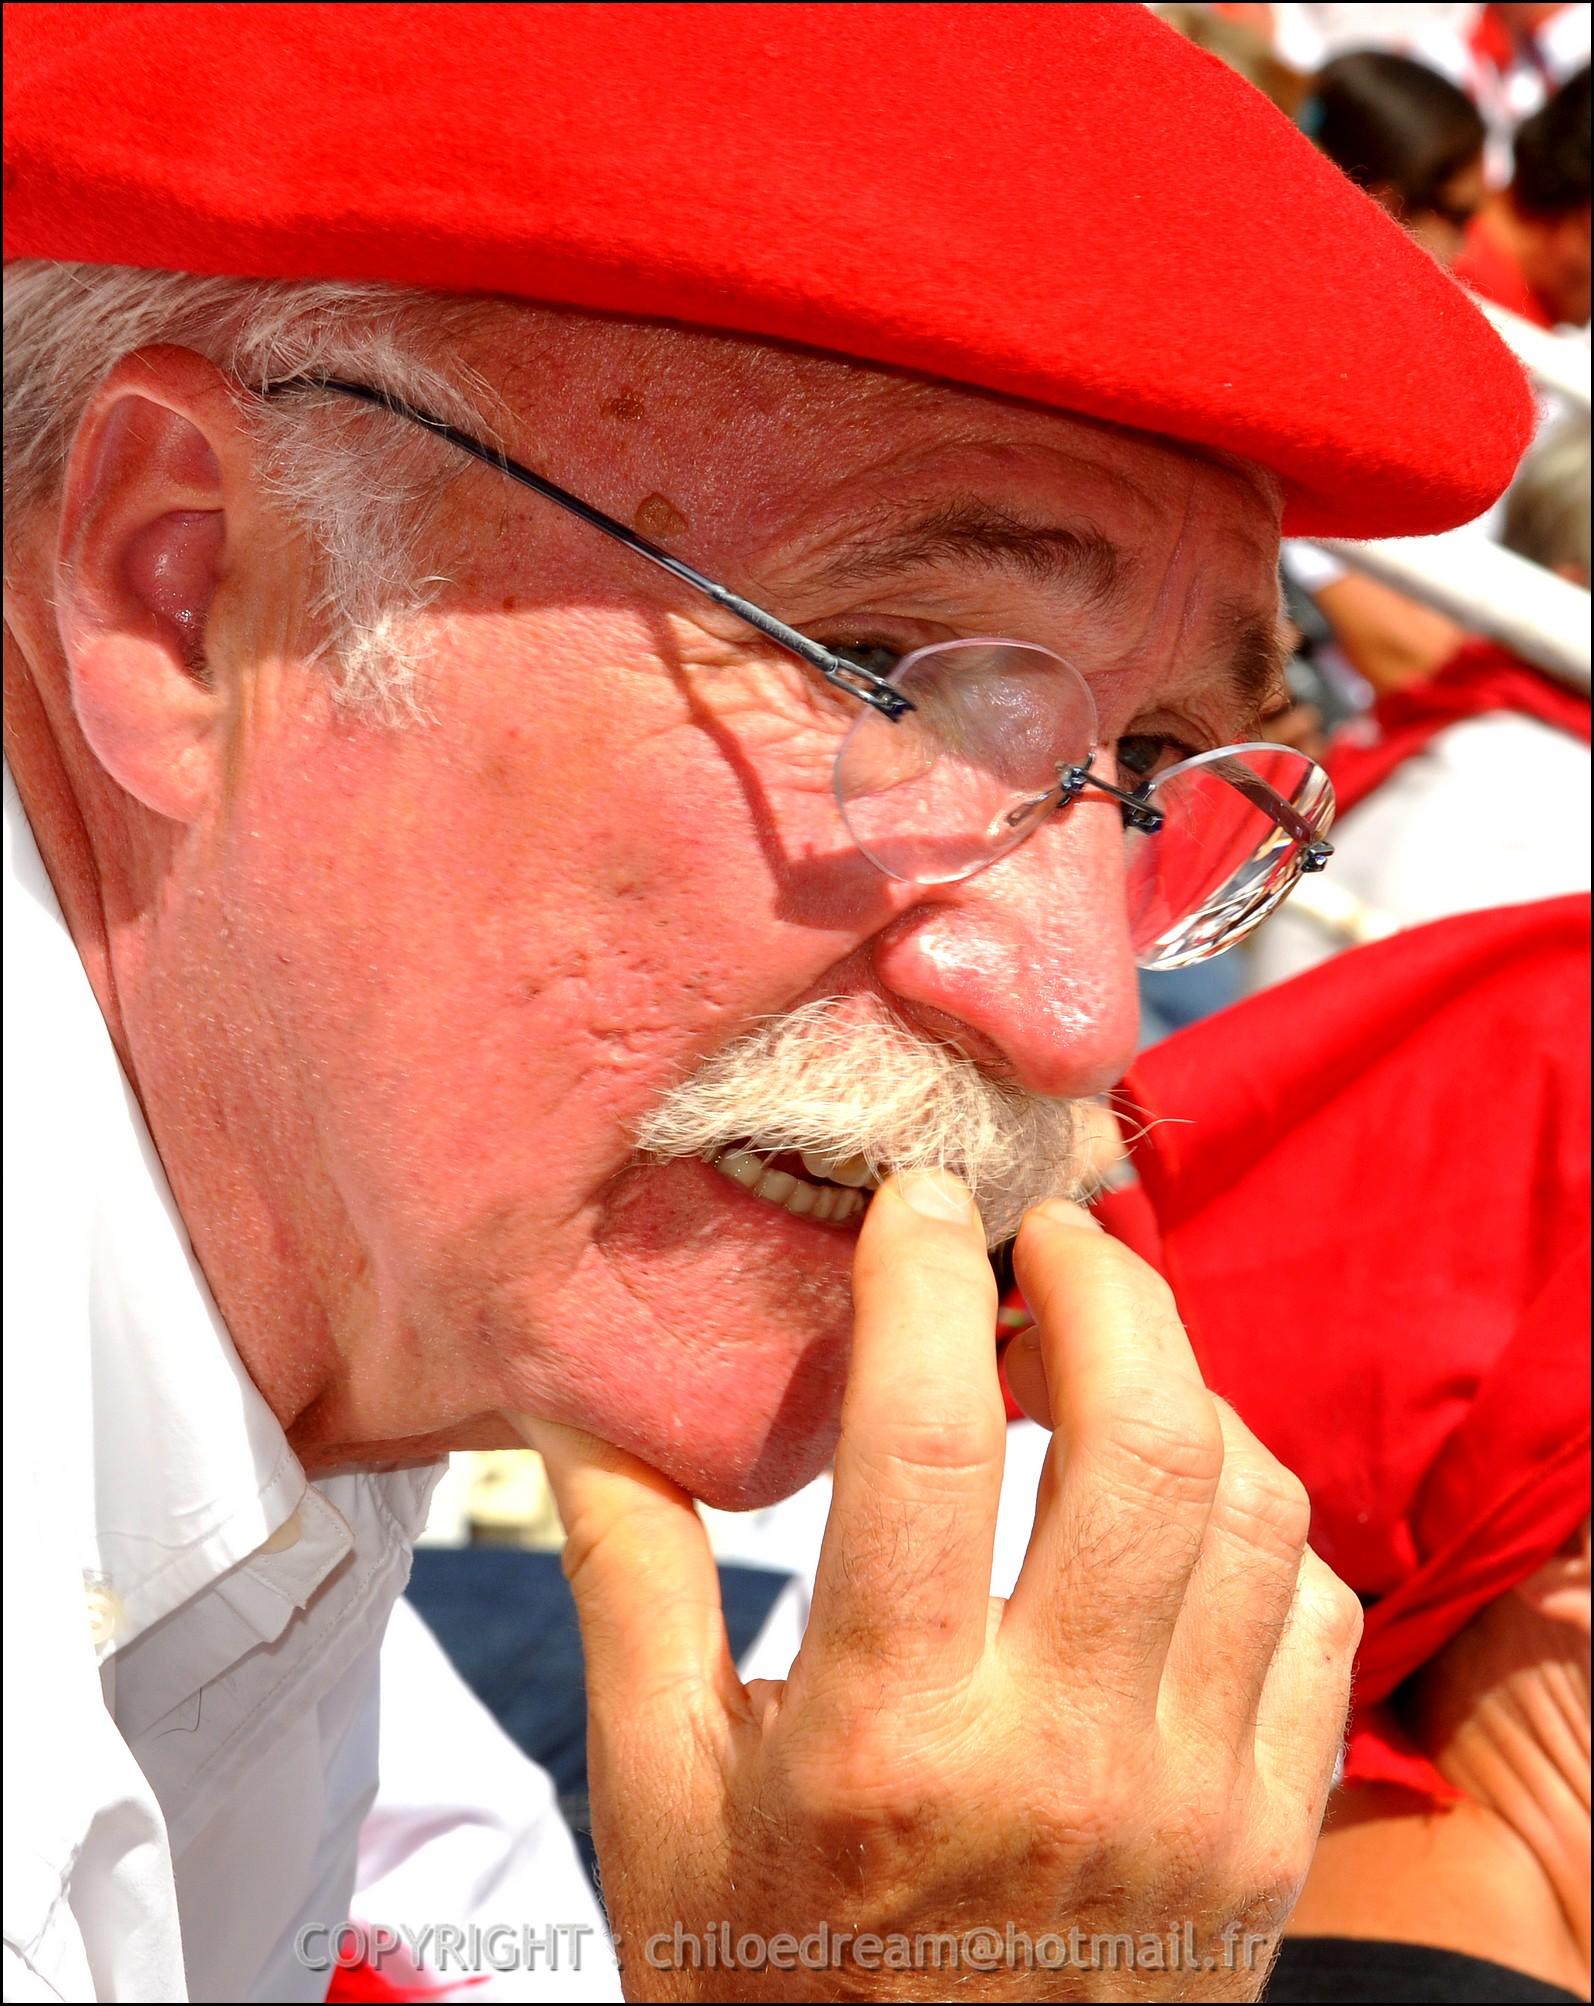 Voyage Pays Basque - Dax ; Corrida à cheval en rouge et blanc 1